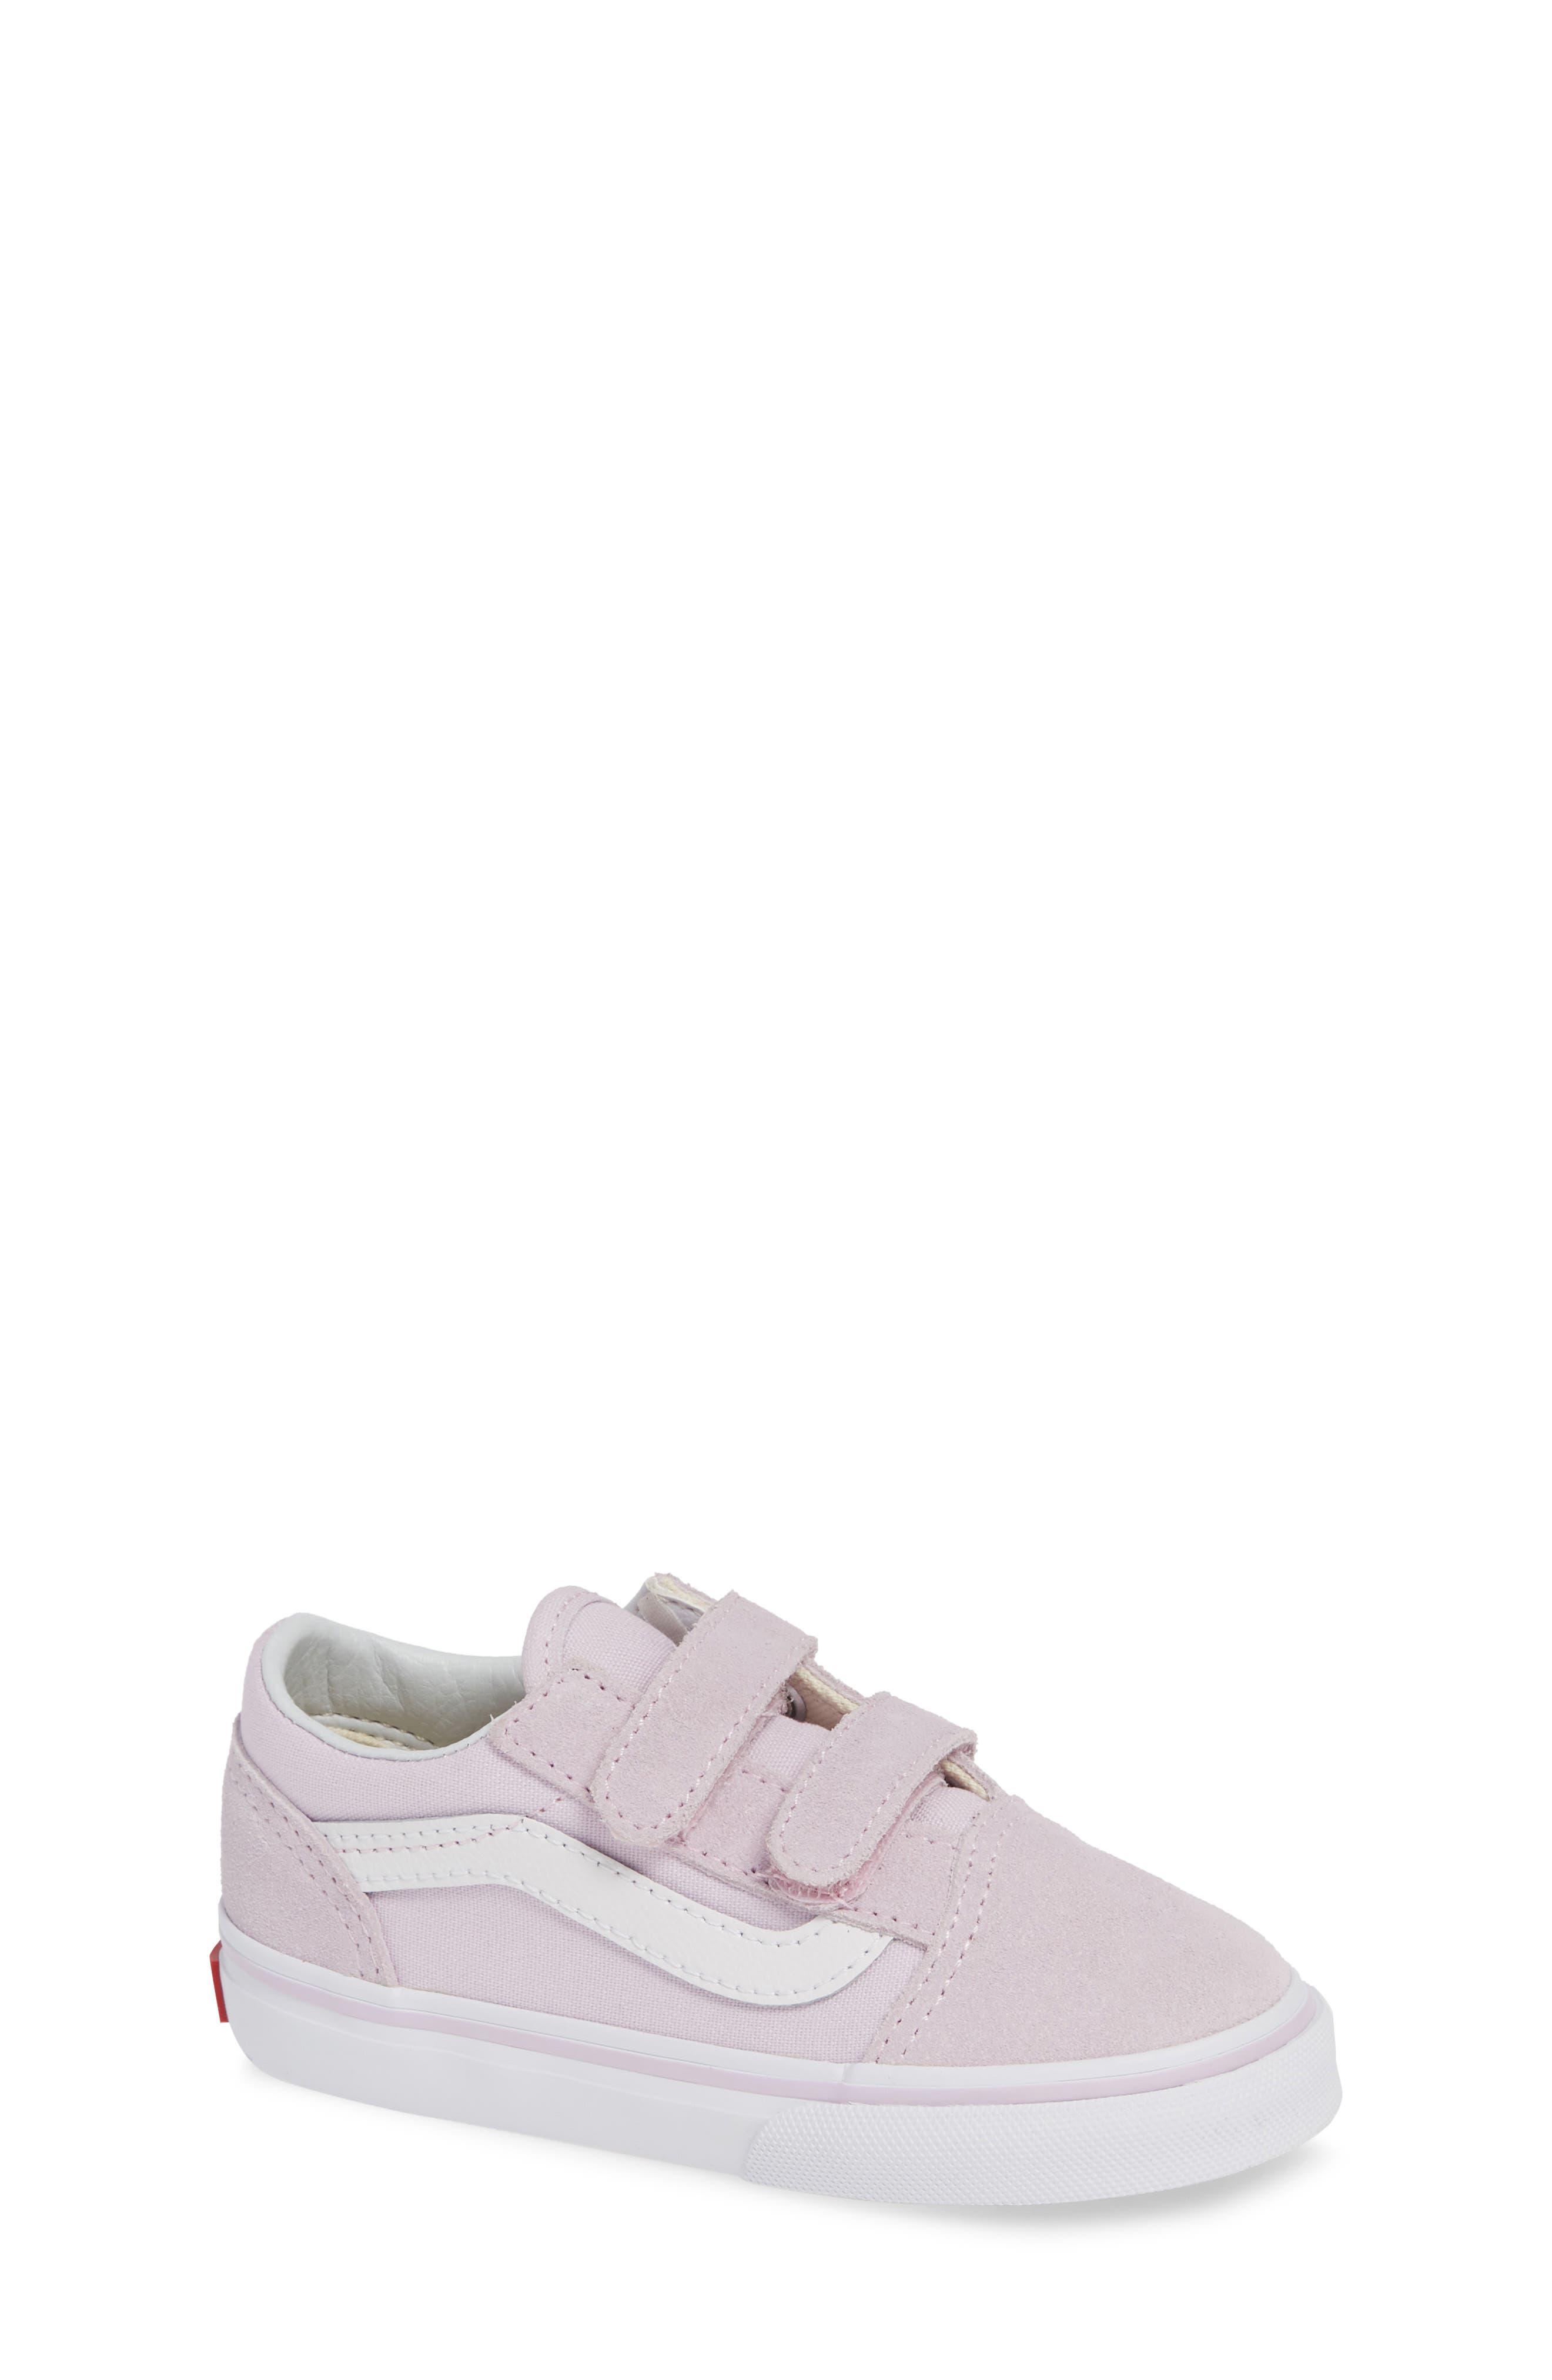 'Old Skool V' Sneaker,                             Main thumbnail 1, color,                             LAVENDER FOG/ TRUE WHITE